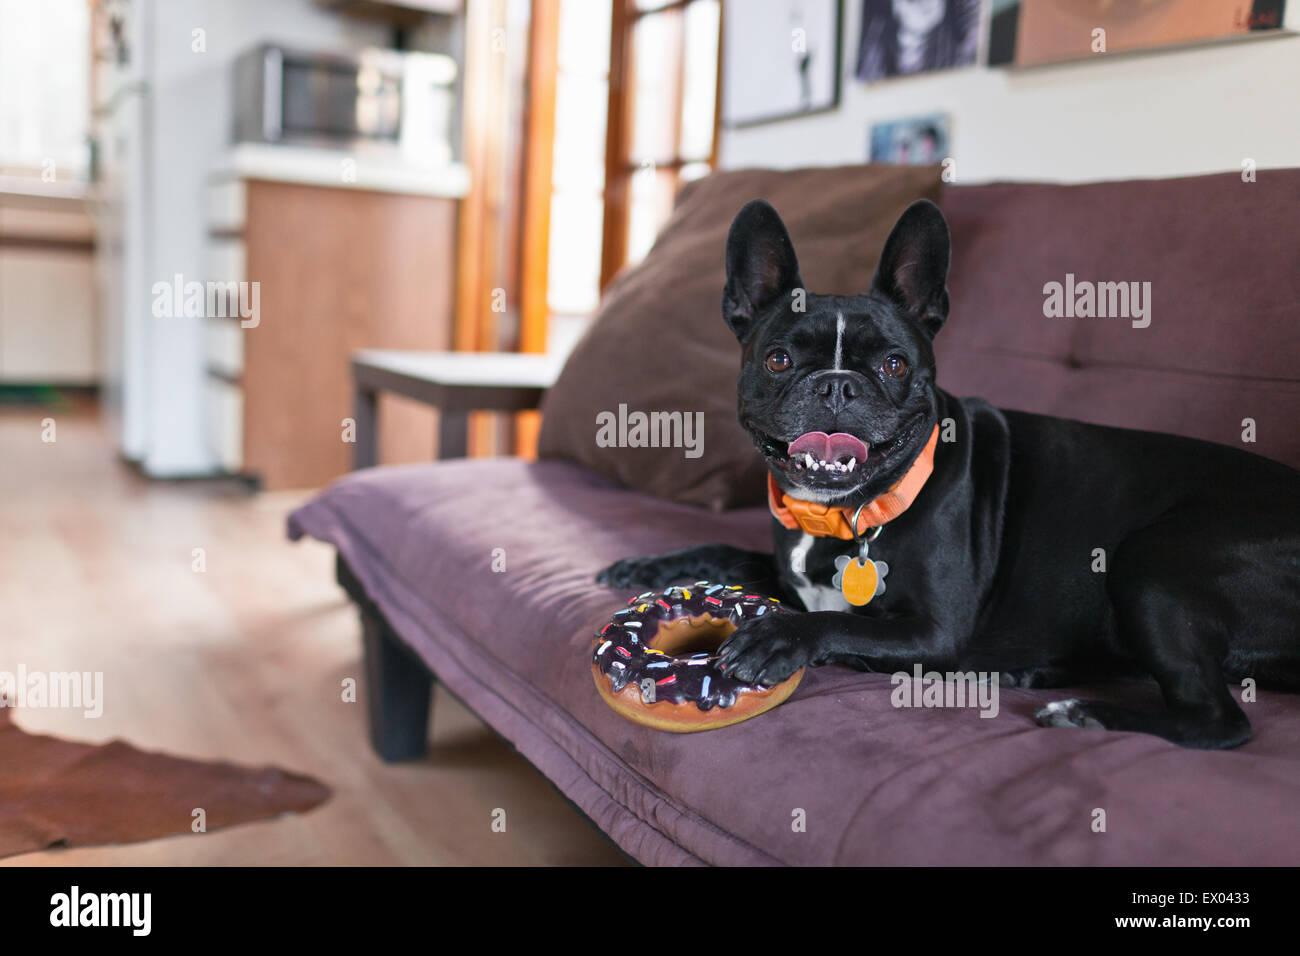 Portrait de chien sur canapé la maintenant sur donut toy Photo Stock